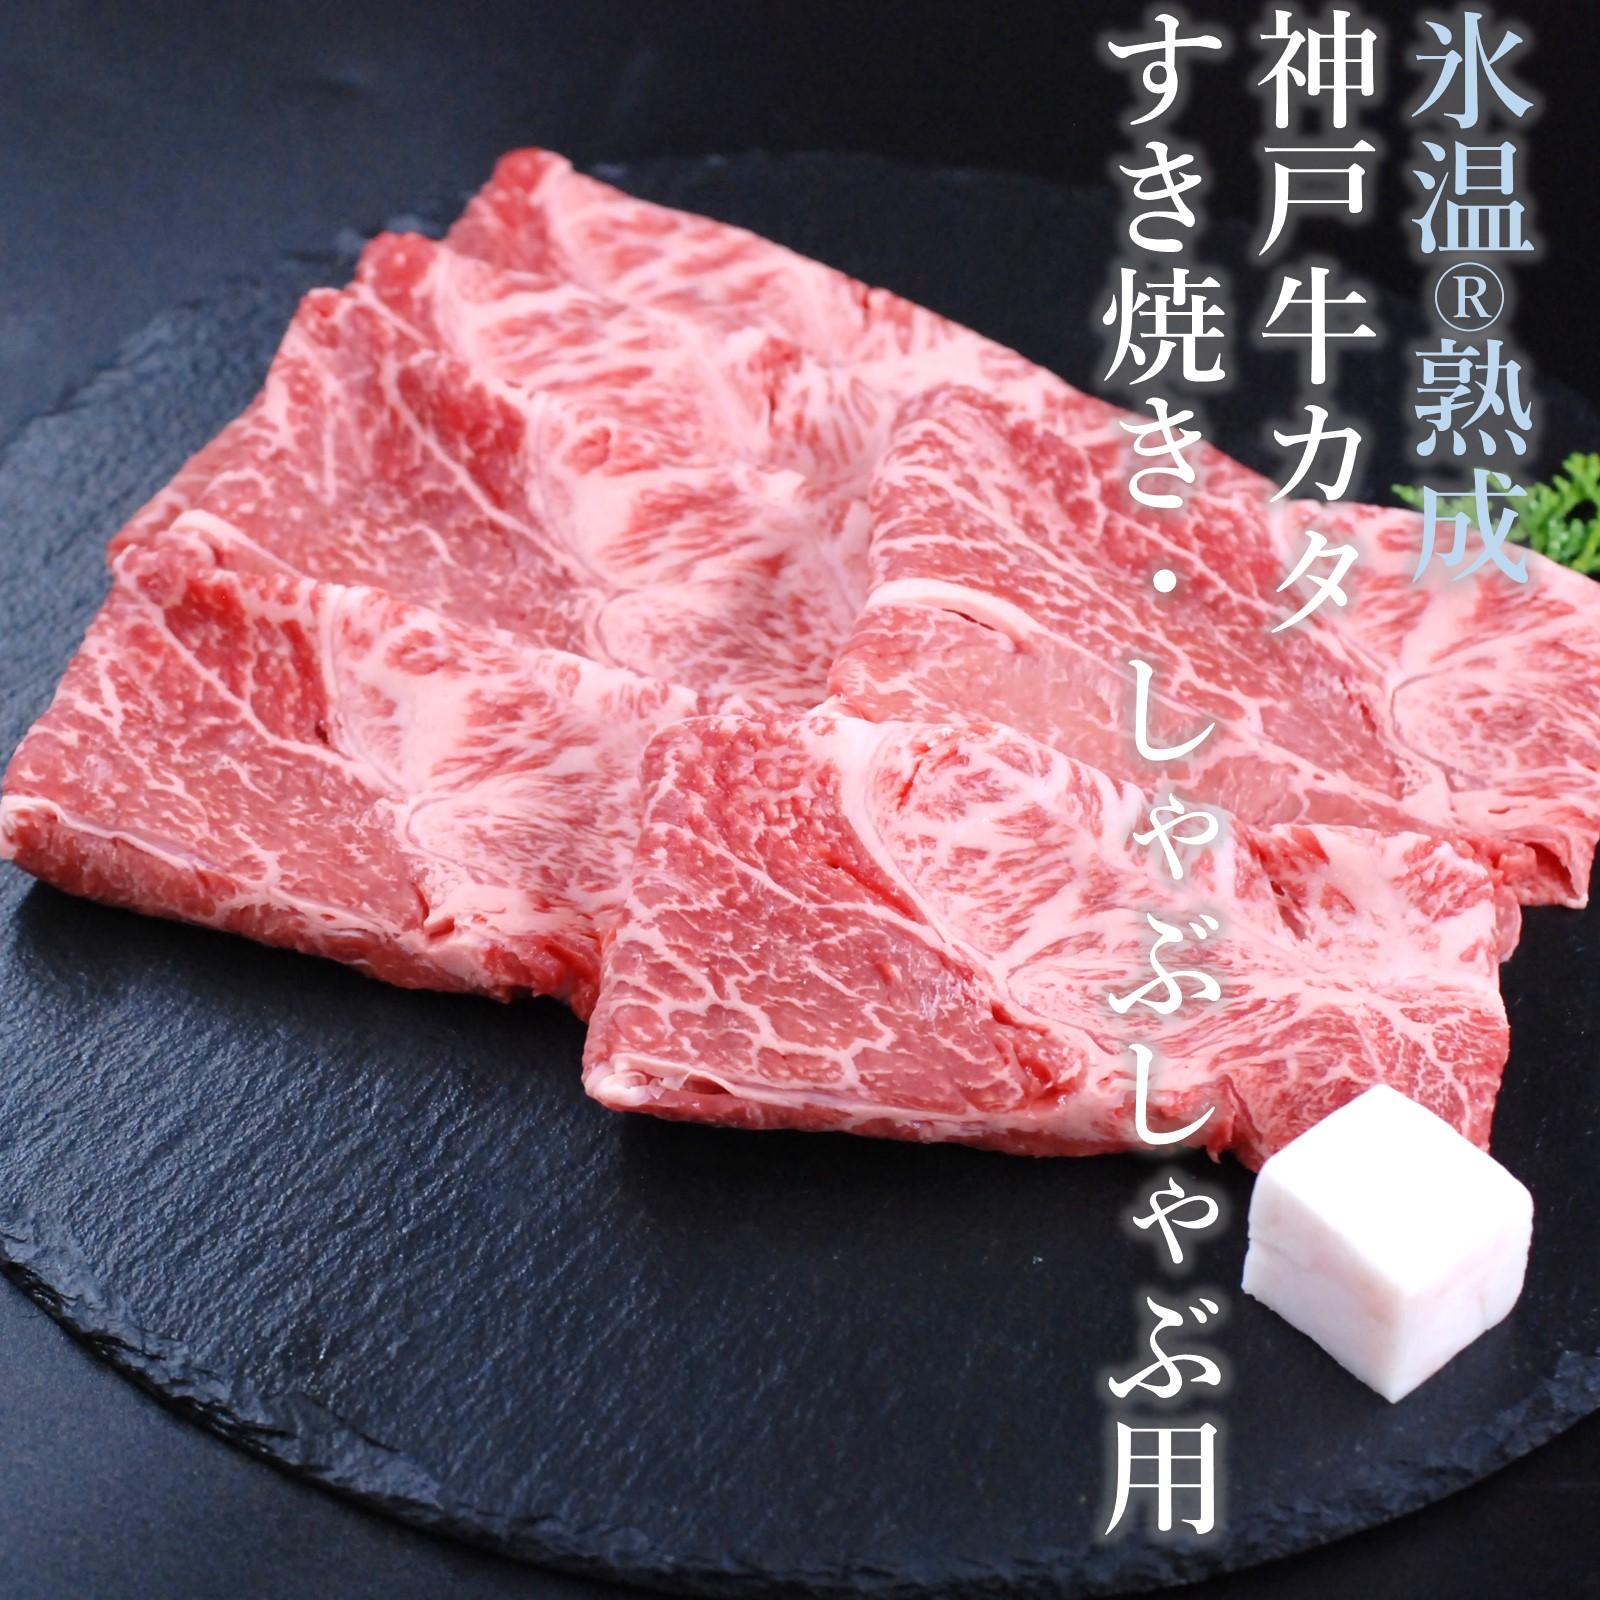 氷温熟成 神戸牛すき焼き・しゃぶしゃぶ用 肩肉